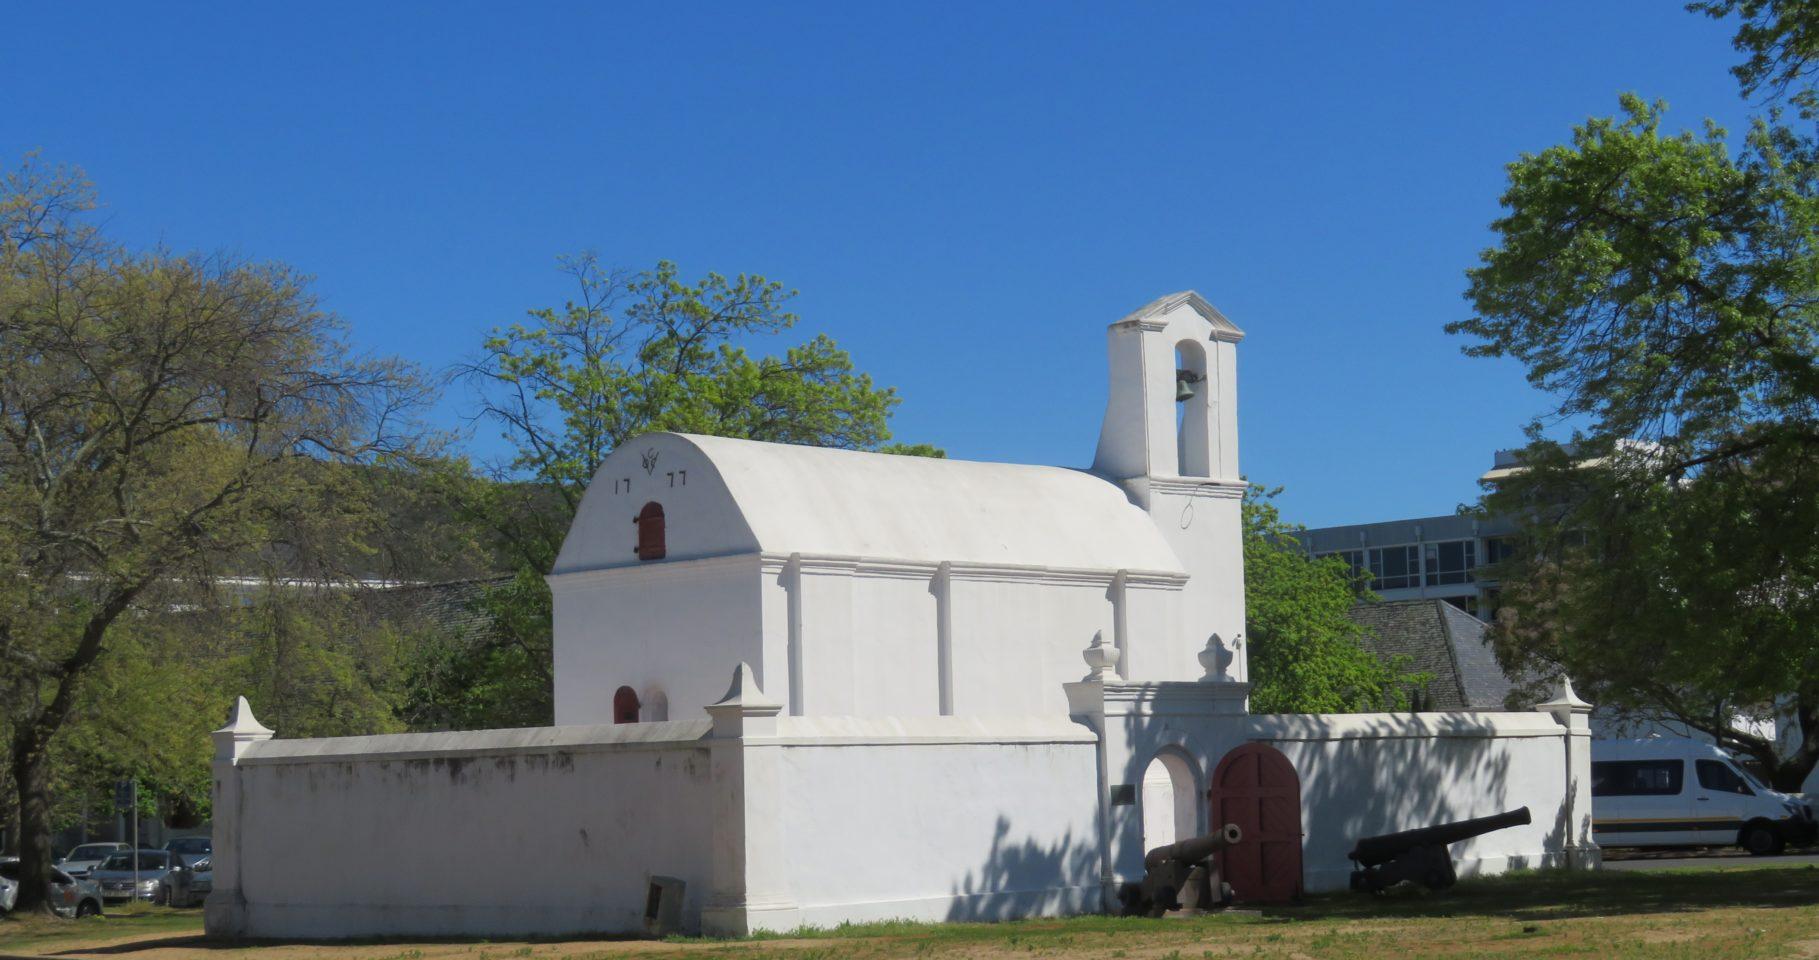 The town of Stellenbosch, South Africa